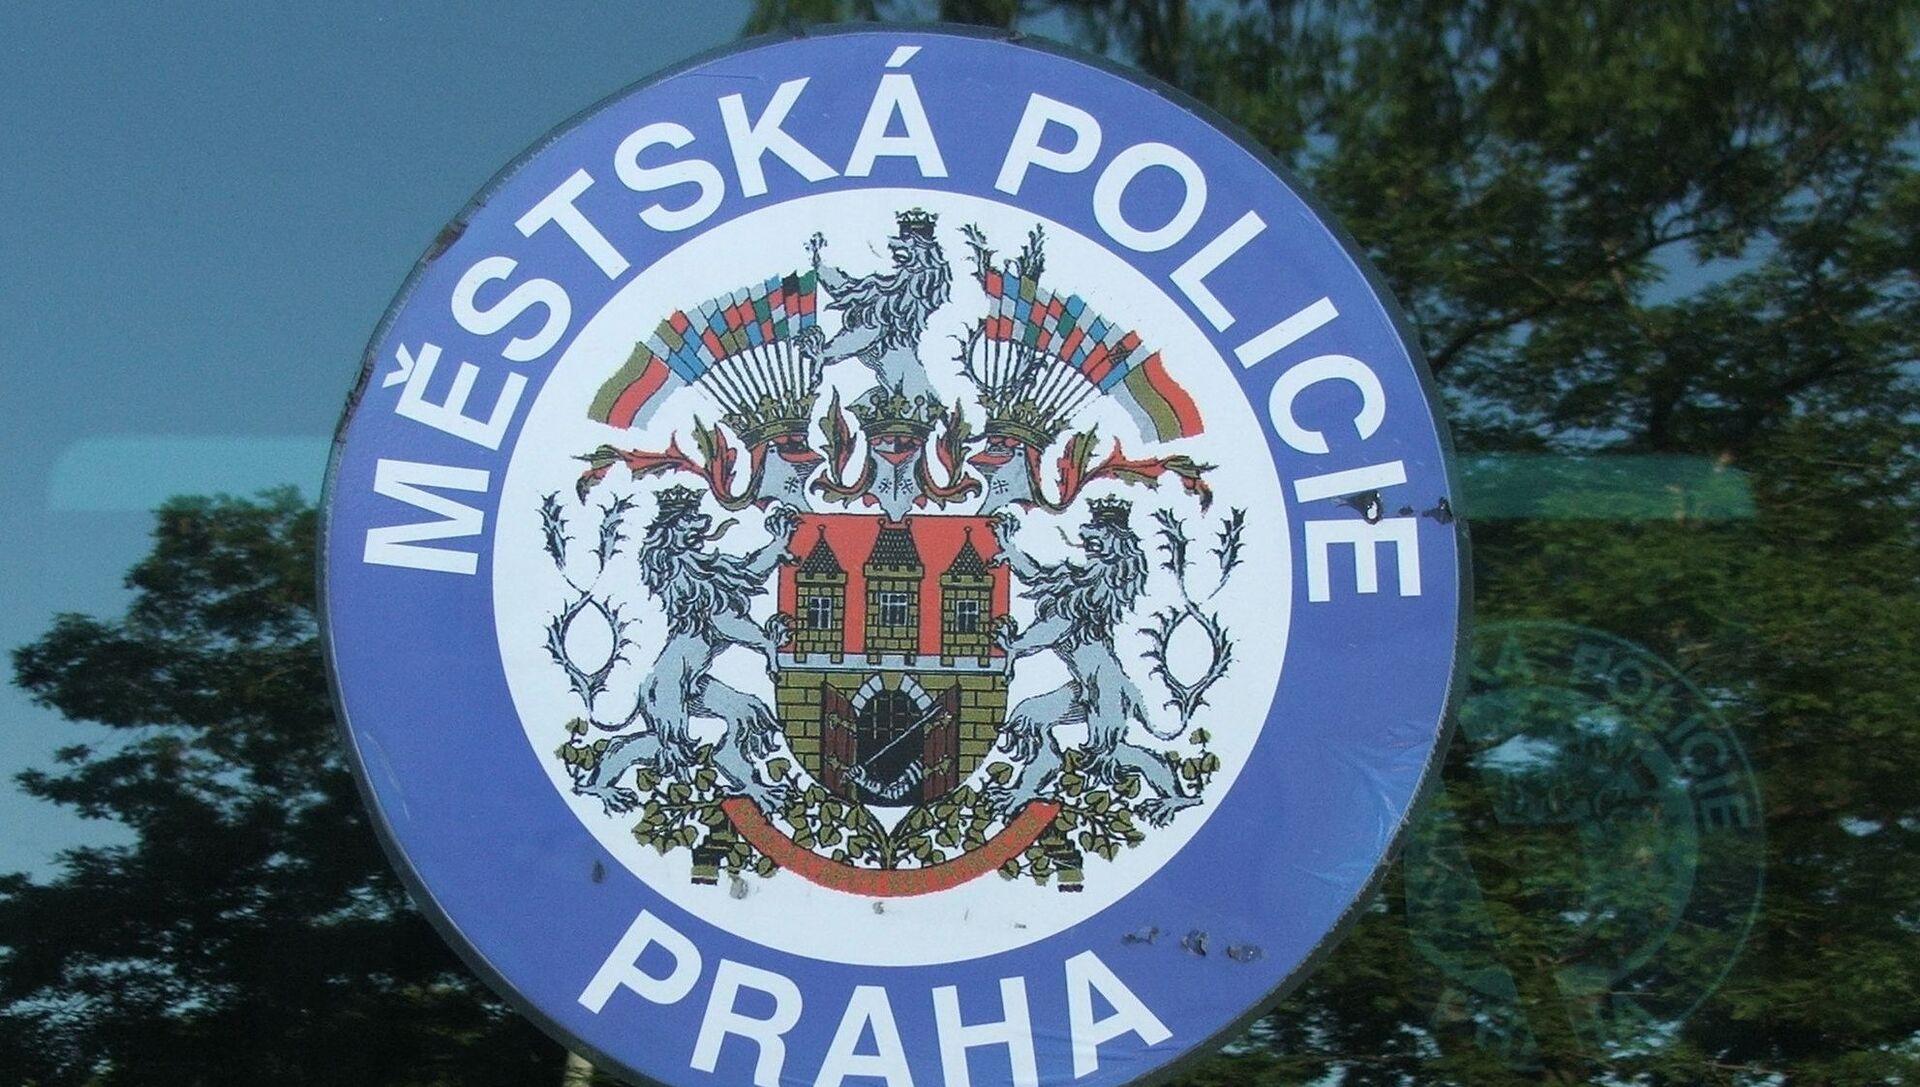 Policie ČR - Sputnik Česká republika, 1920, 05.04.2021